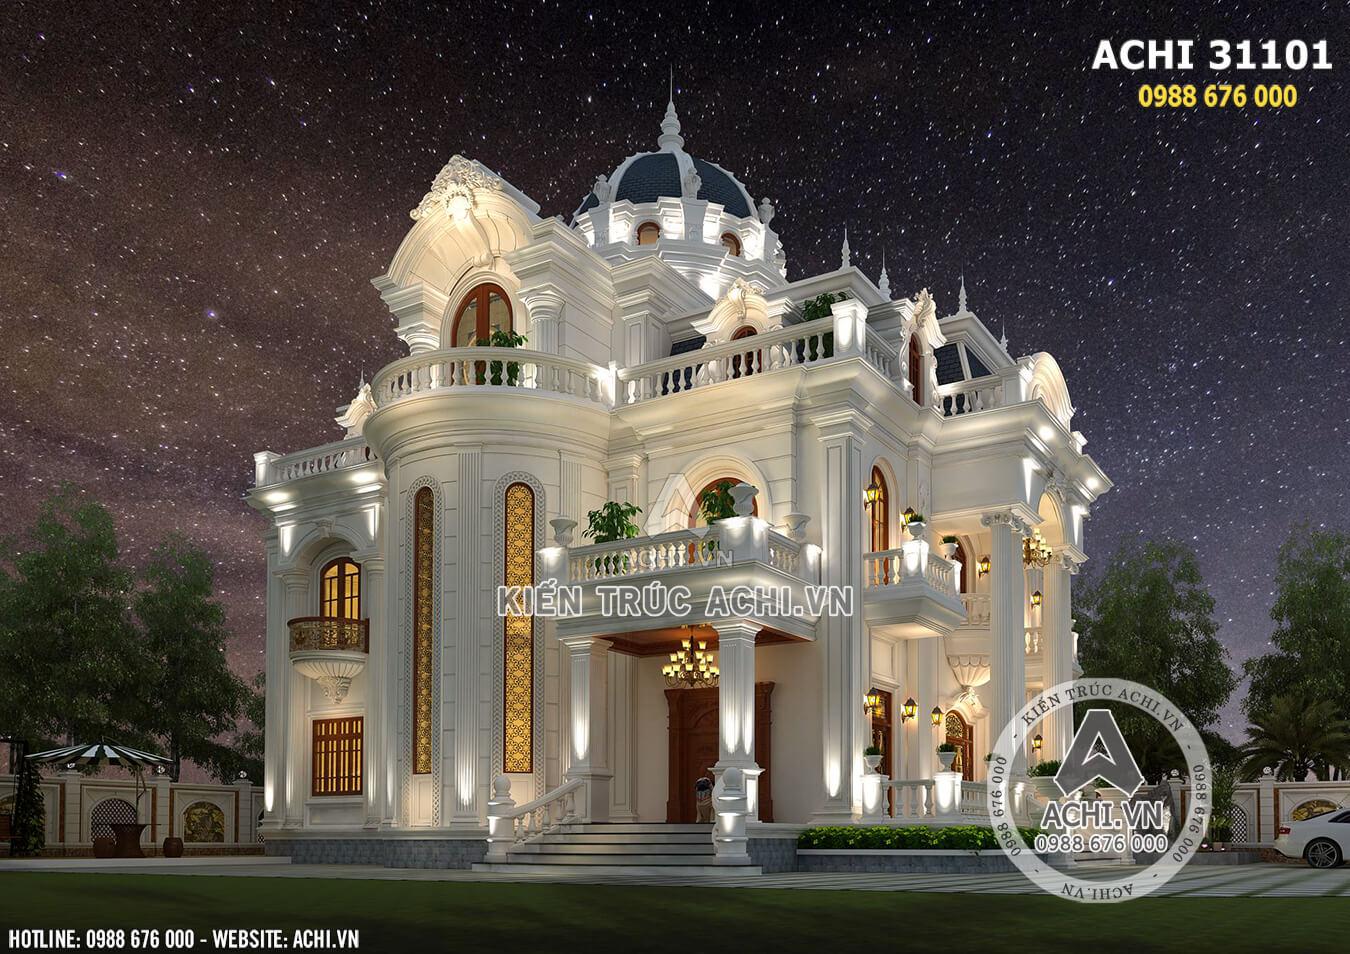 Ngôi biệt thự tân cổ điển 3 tầng lộng lẫy về đêm